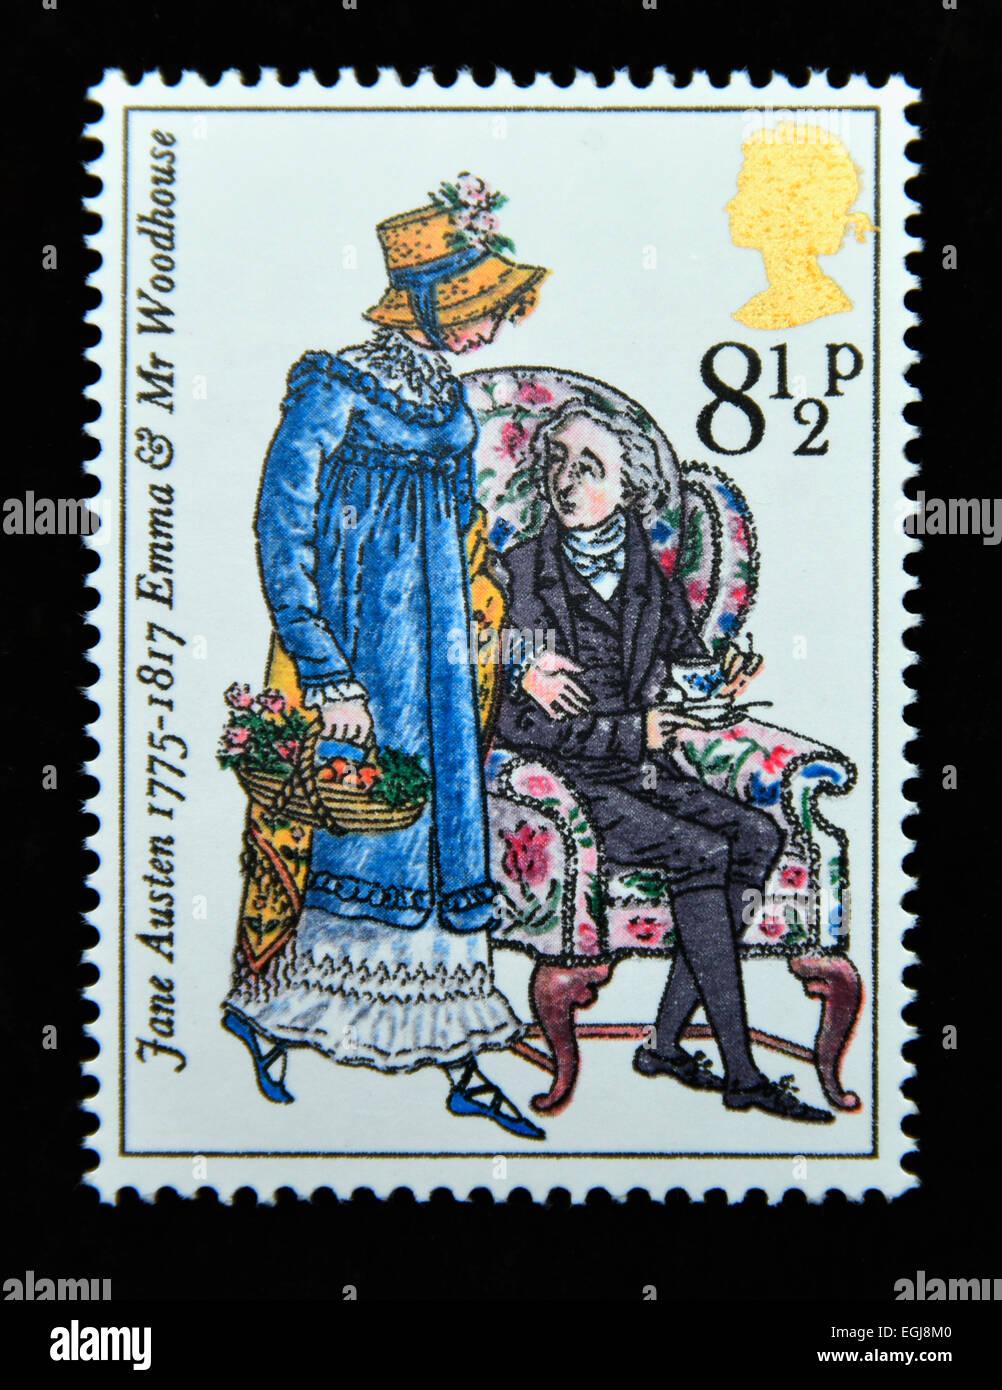 Sello de correos. Gran Bretaña. La reina Isabel II. 1975. Bicentenario del nacimiento de Jane Austen (Novelista). Imagen De Stock